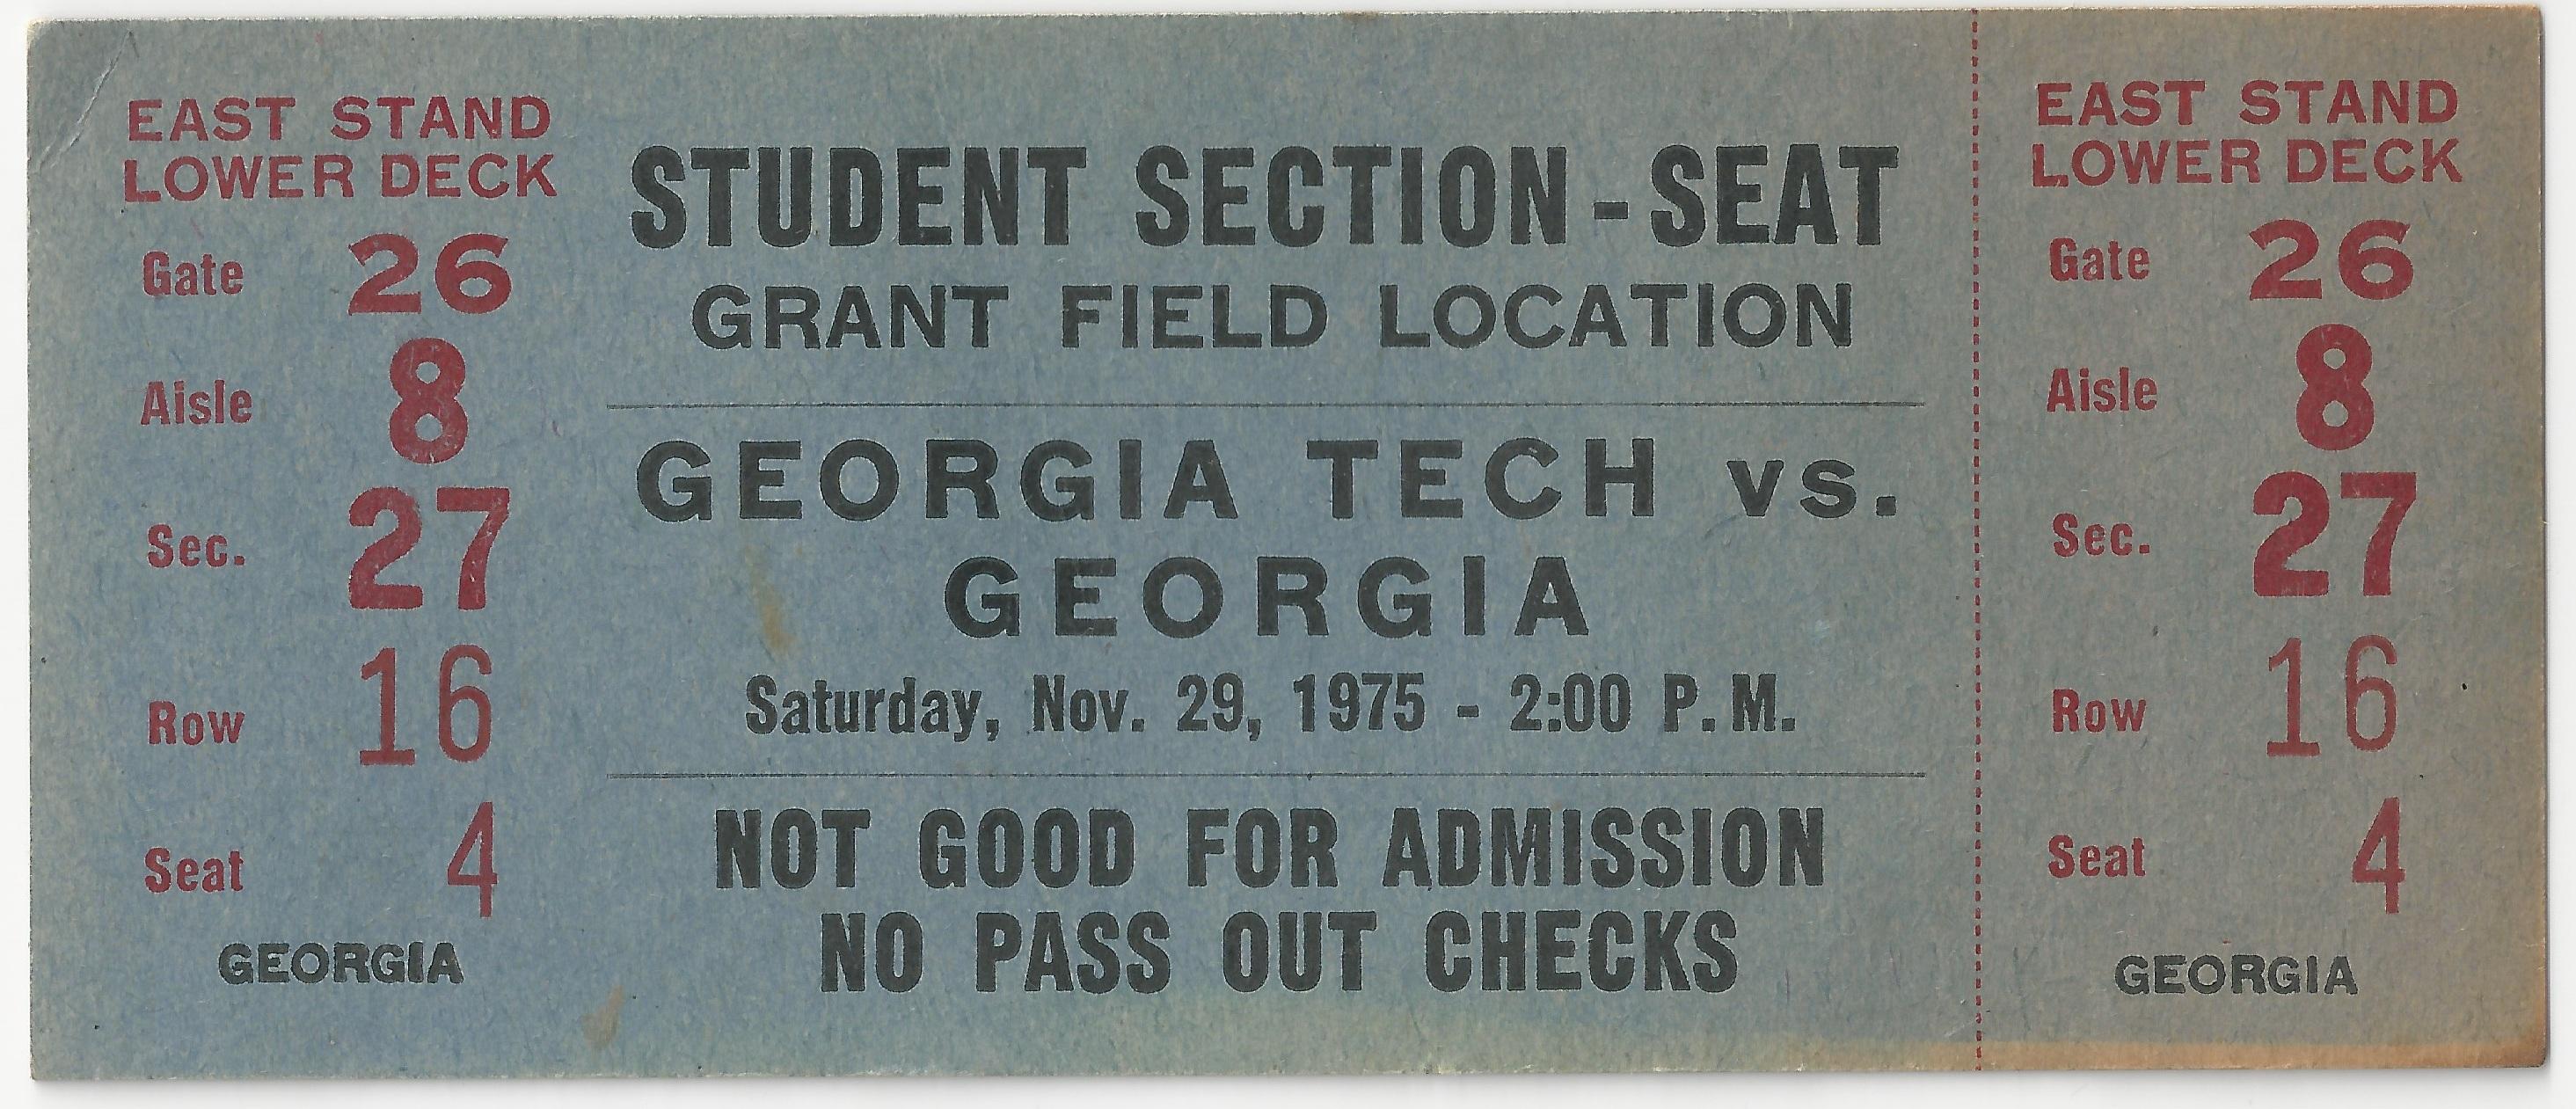 1975-11-29 - Georgia Tech vs. Georgia - Student 1